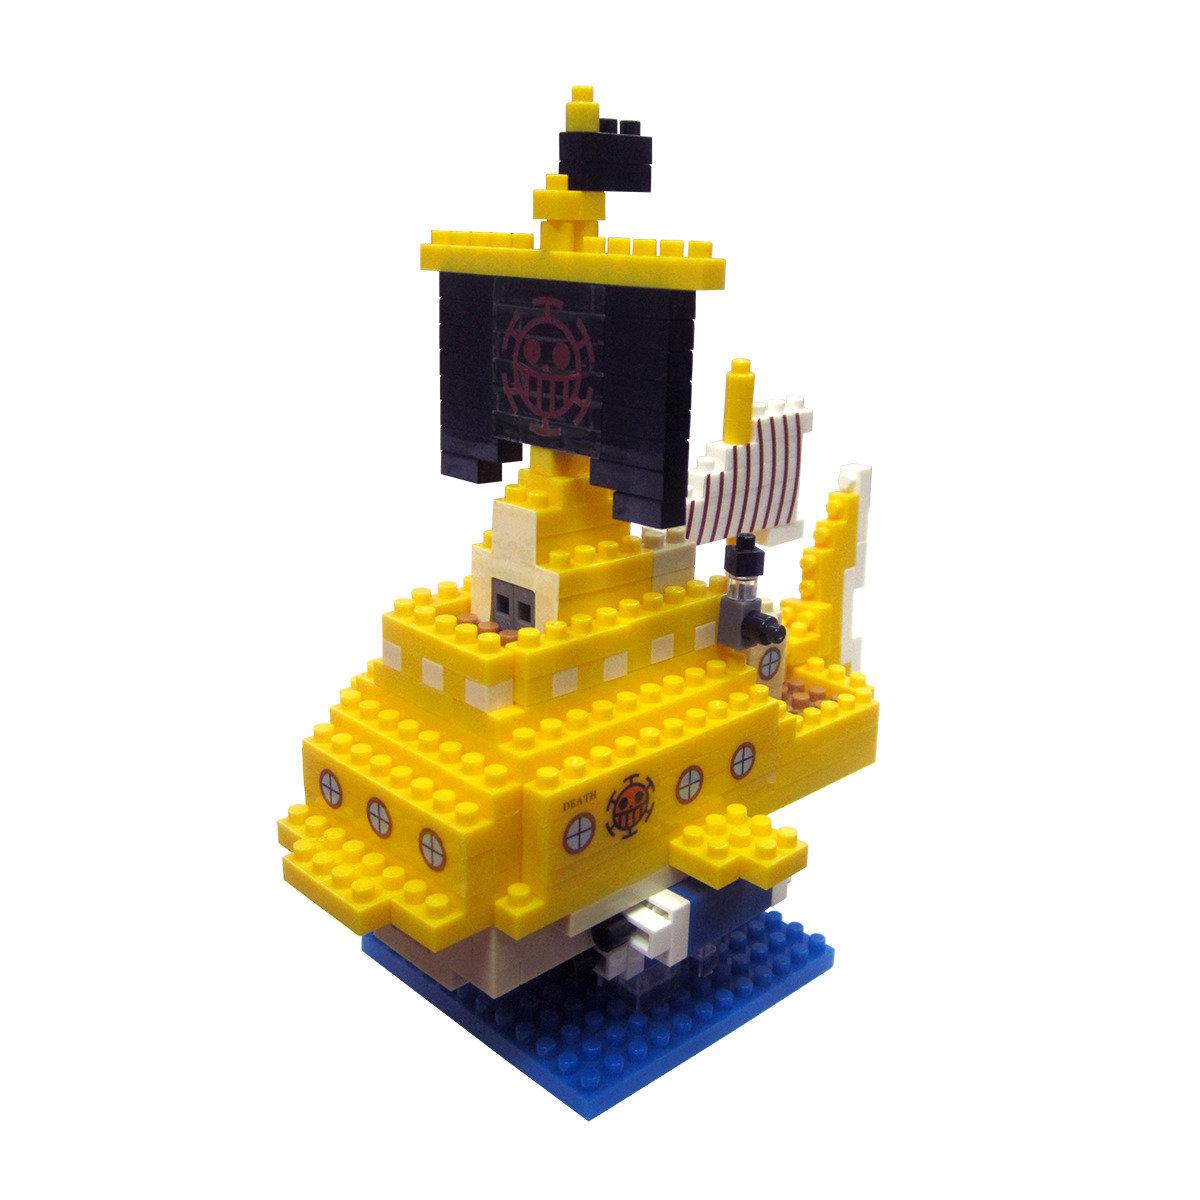 特拉法爾嘉.羅的潛水艇(Law's Submarine)迷你積木